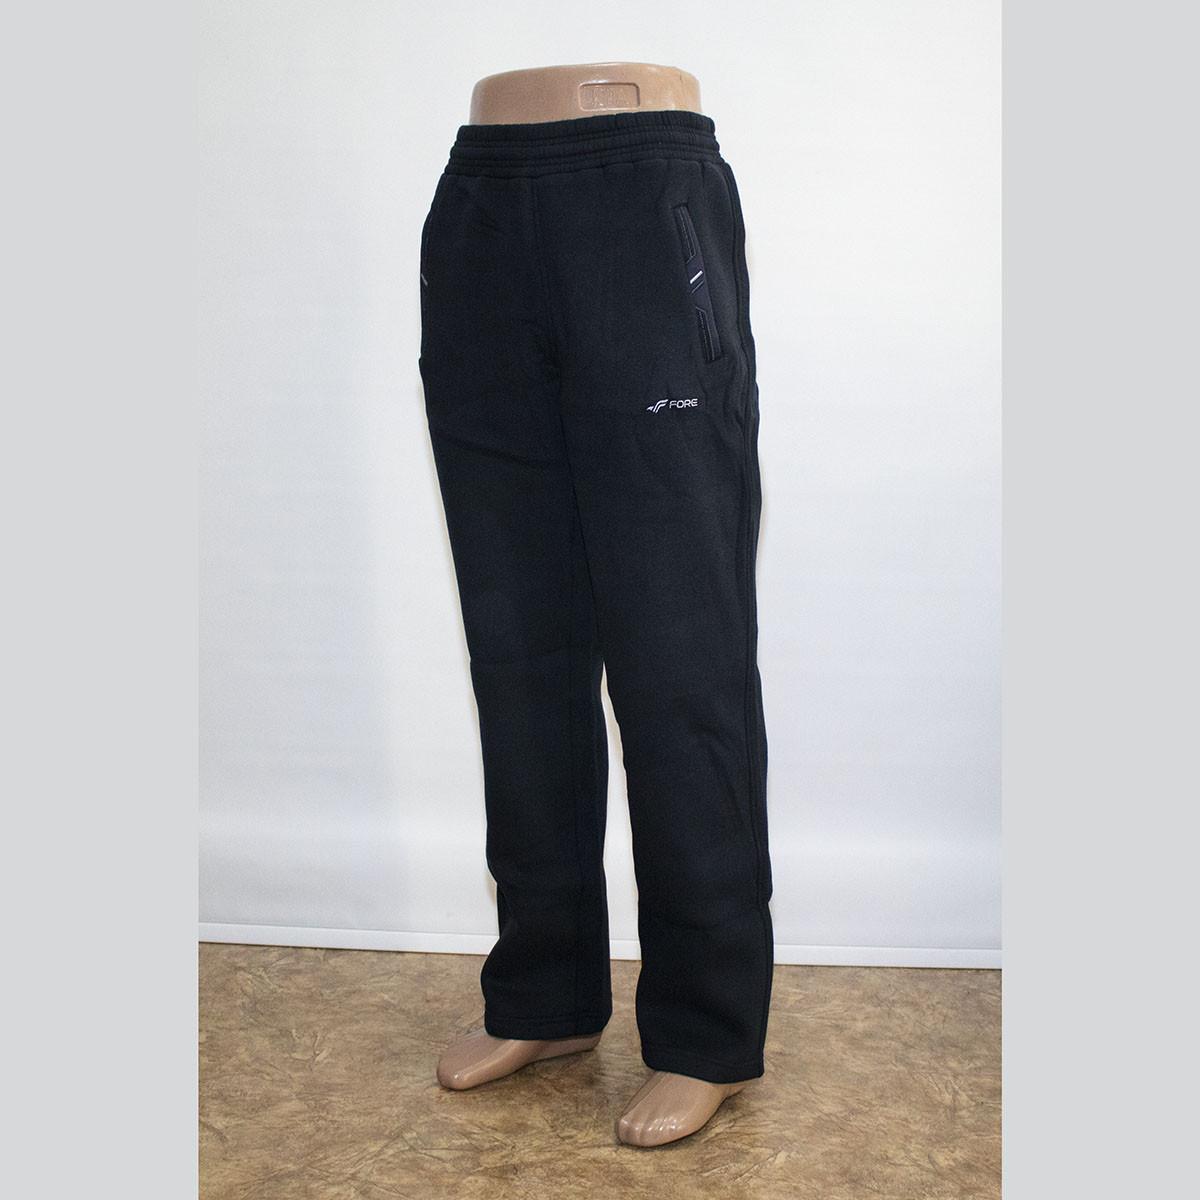 Зимние теплые мужские штаны с начесом тм. FORE 1112